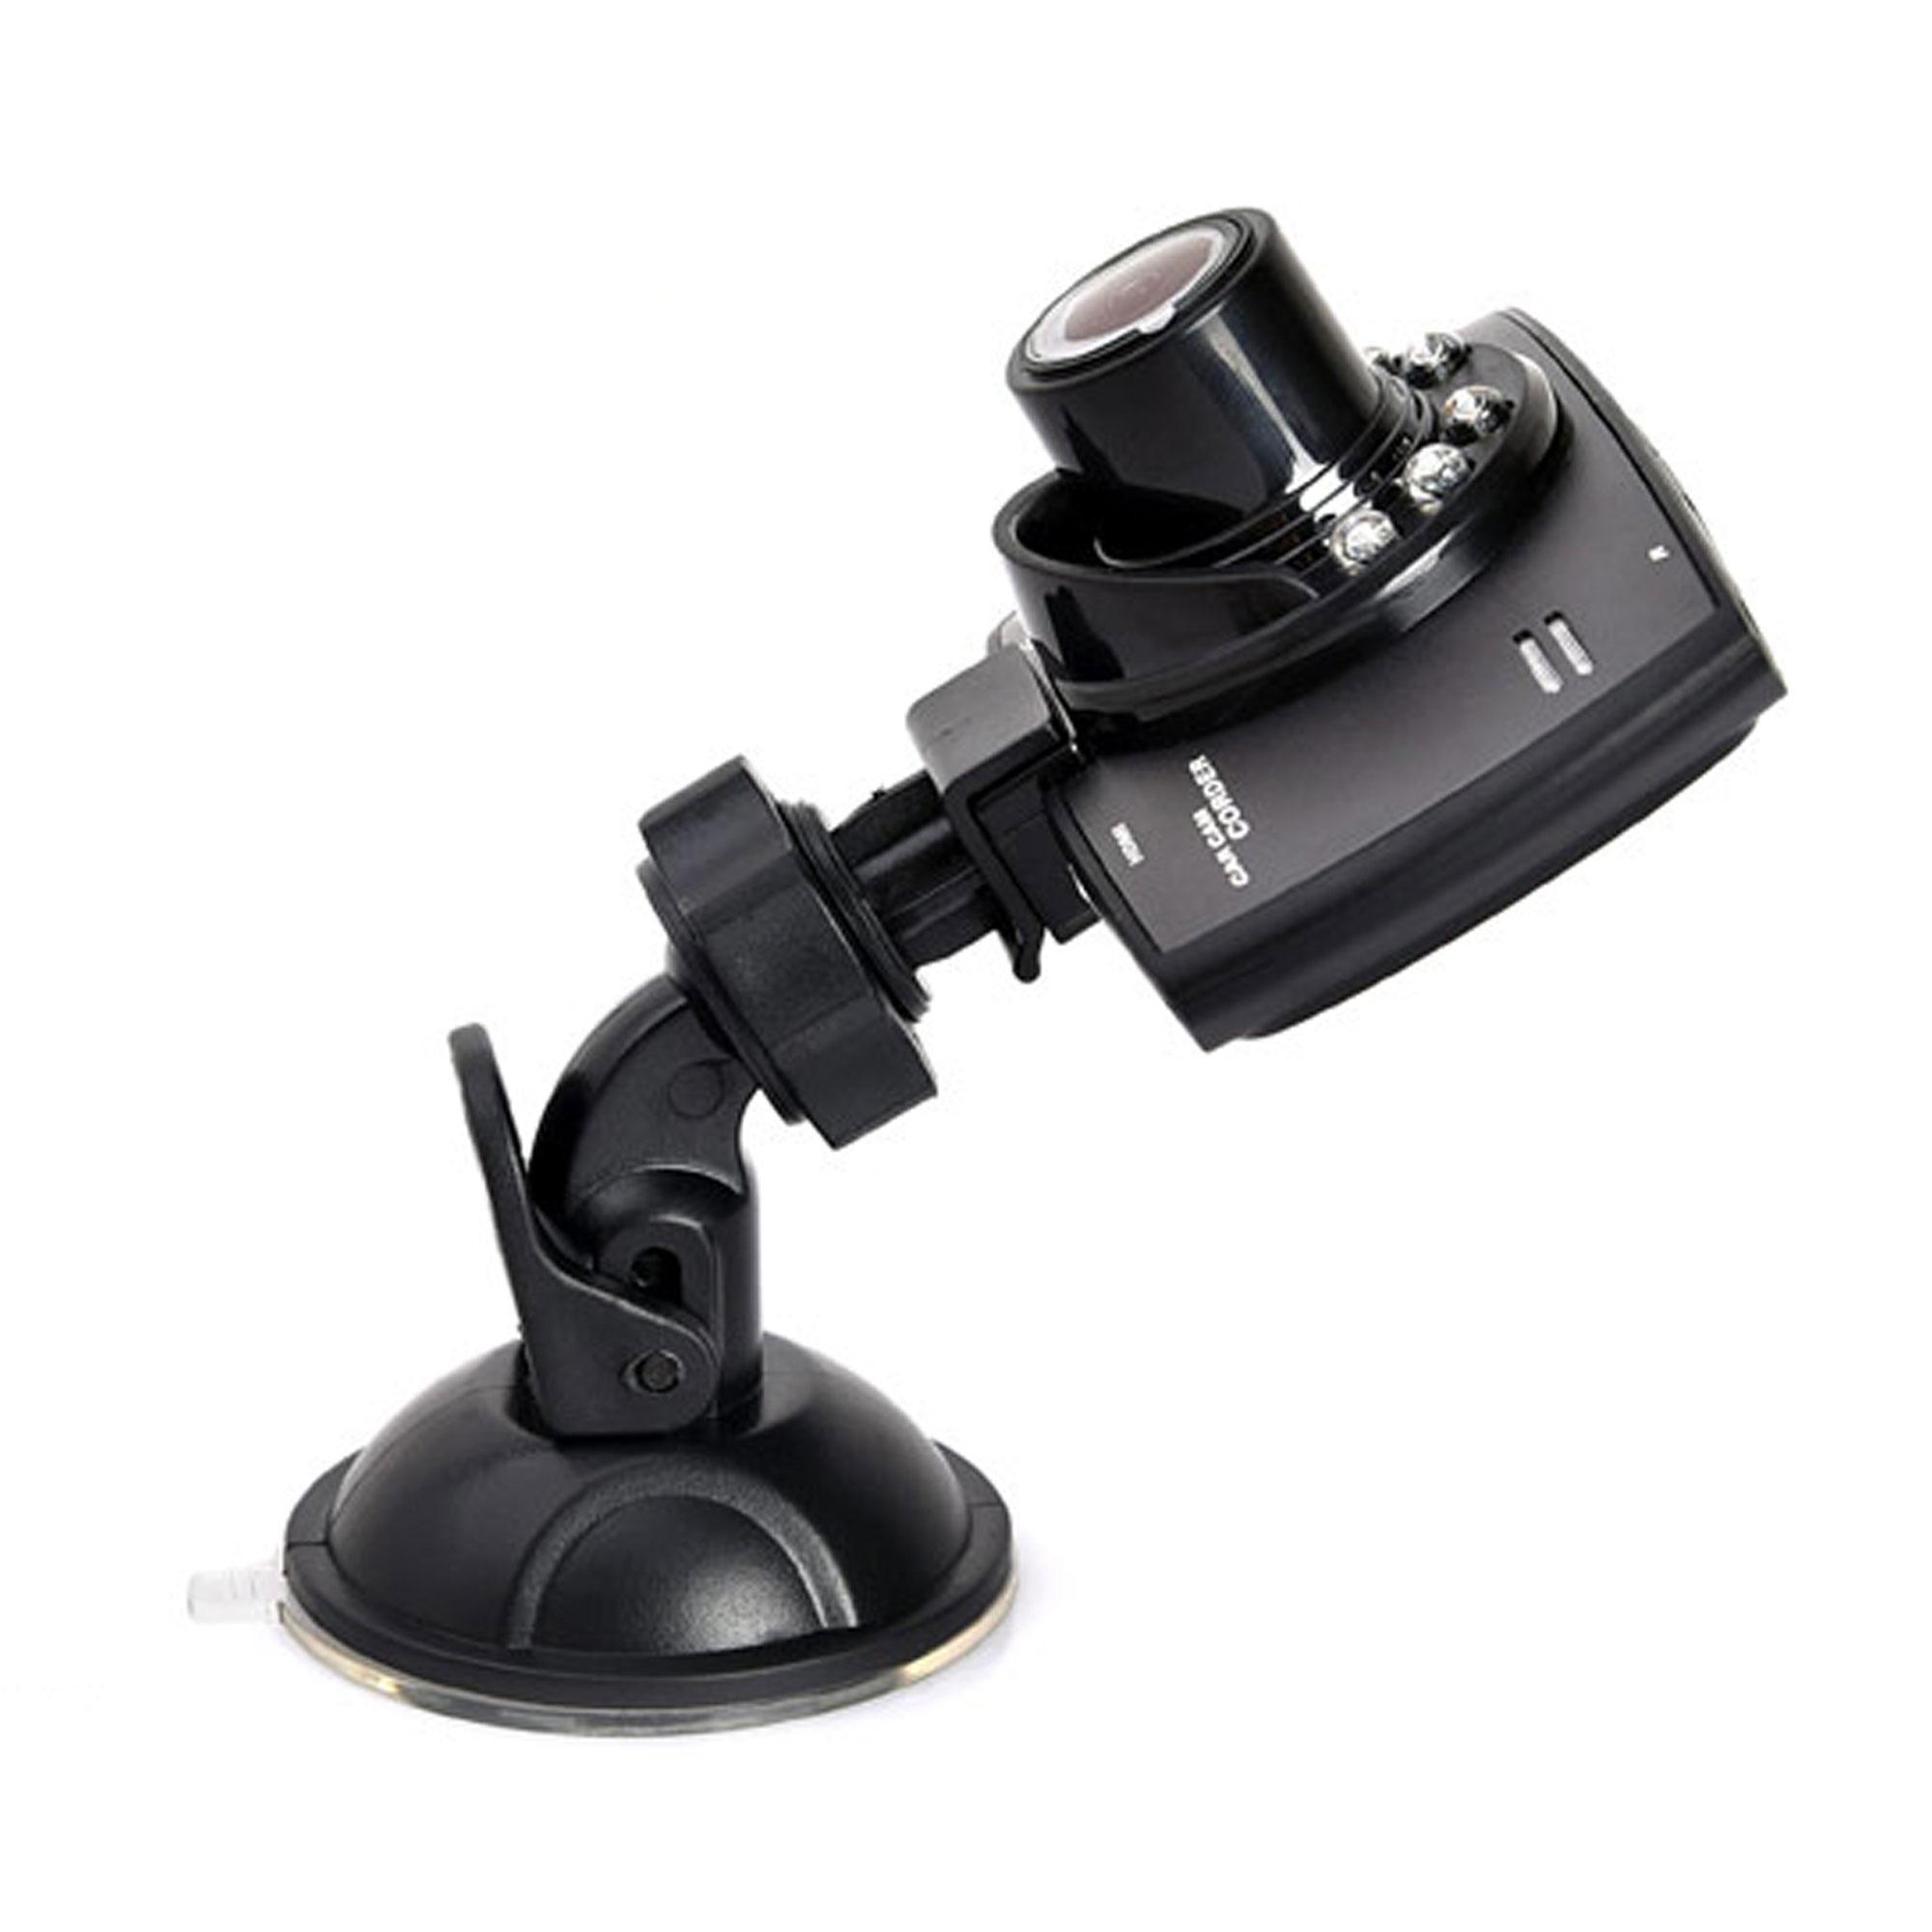 Camera Hành Trình KhoNCC Có Màn Hình Xem Lại Gắn Ô Tô Xe Hơi - Quay Full HD 1080P - DHS-CAMHT-642 - Hàng Chính Hãng